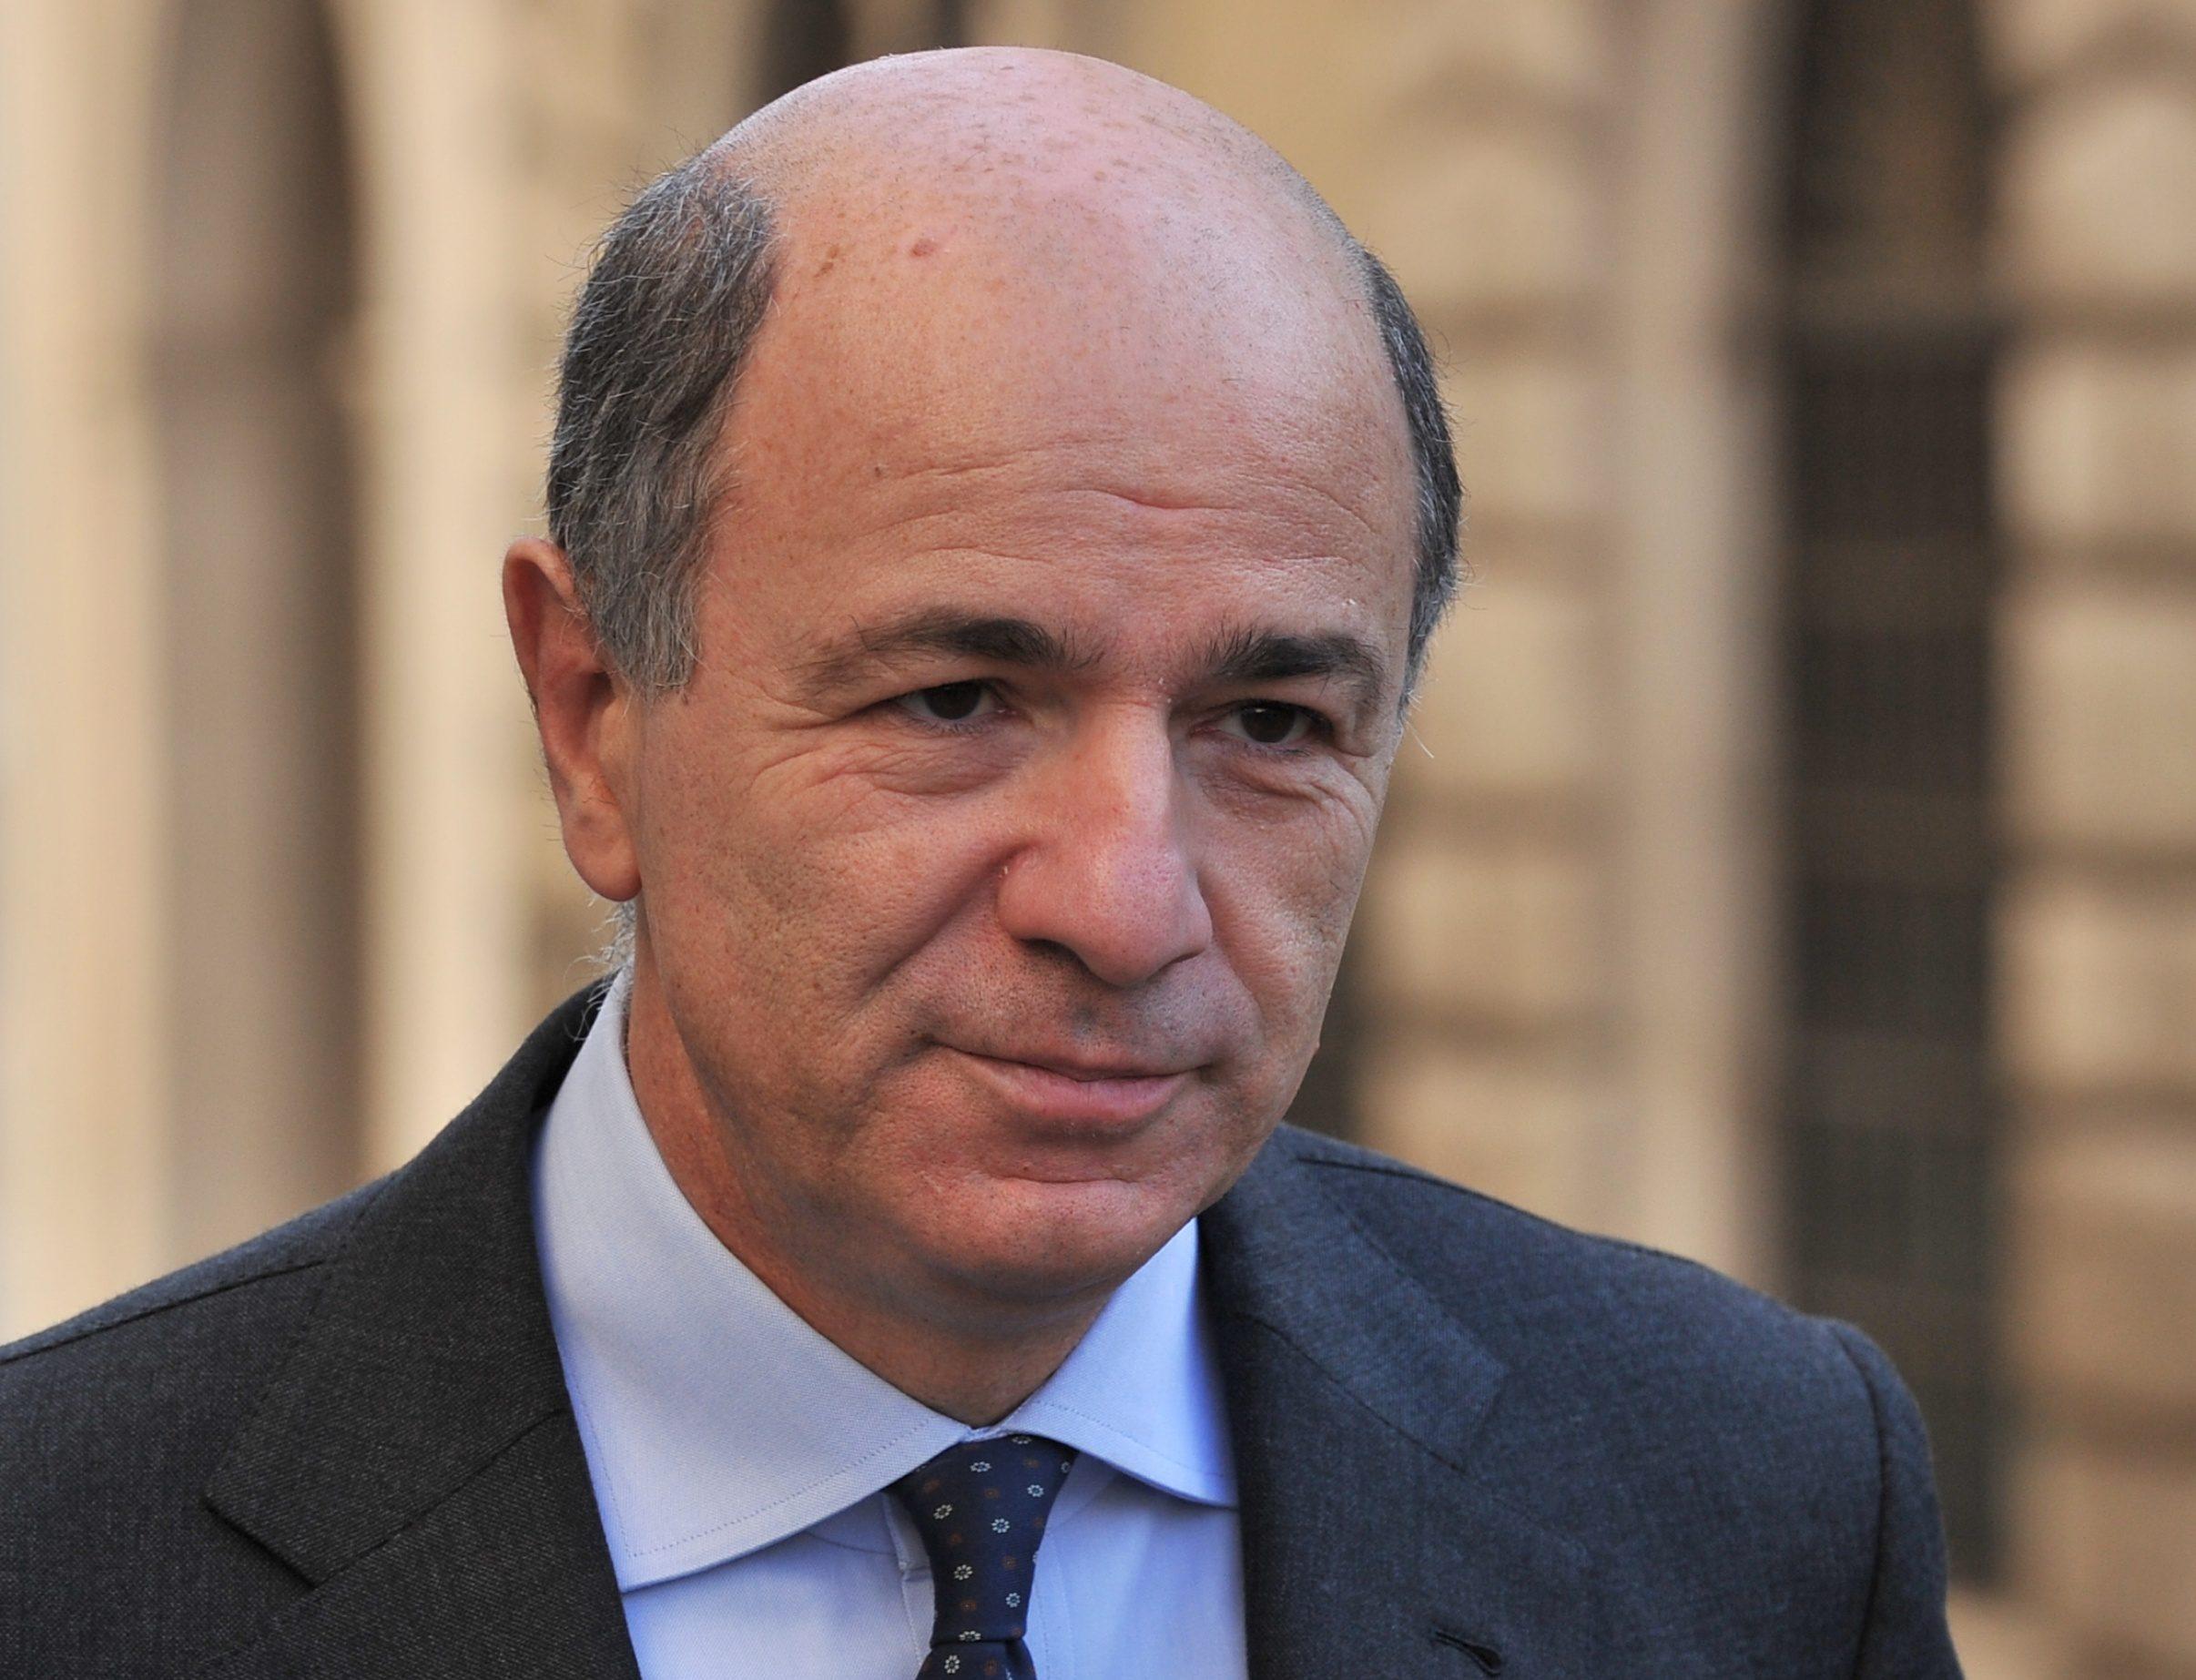 Mps verso il si all'aumento di capitale proposto da Passera